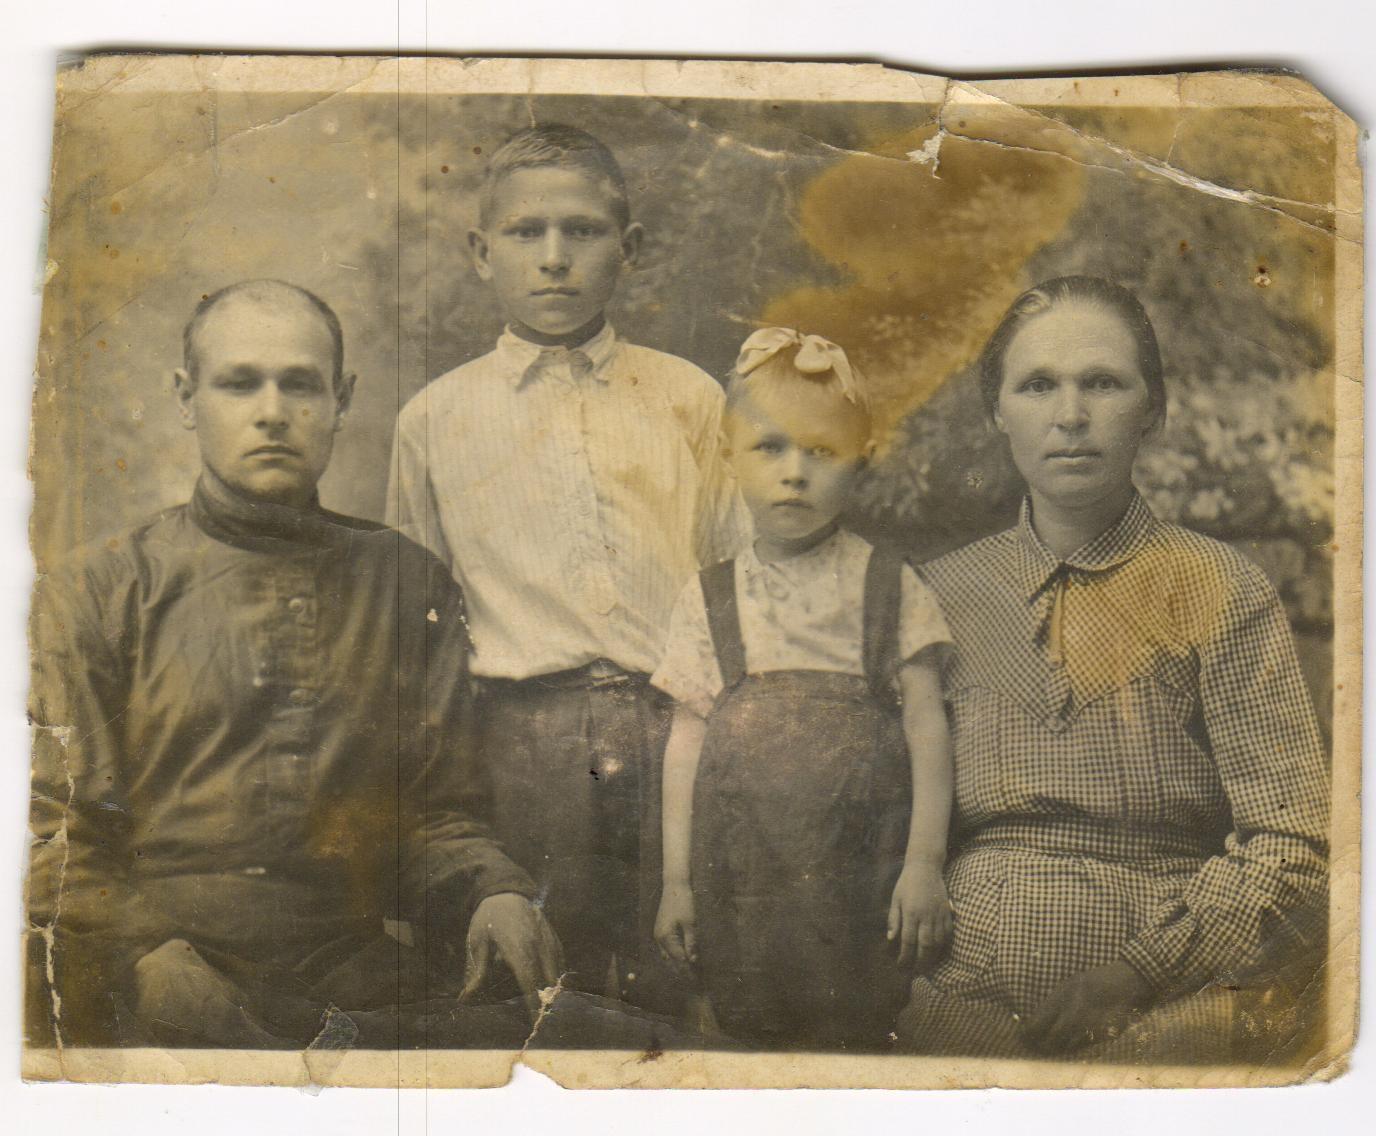 был срочно архив семьи курдюковых фото статье можно ознакомиться